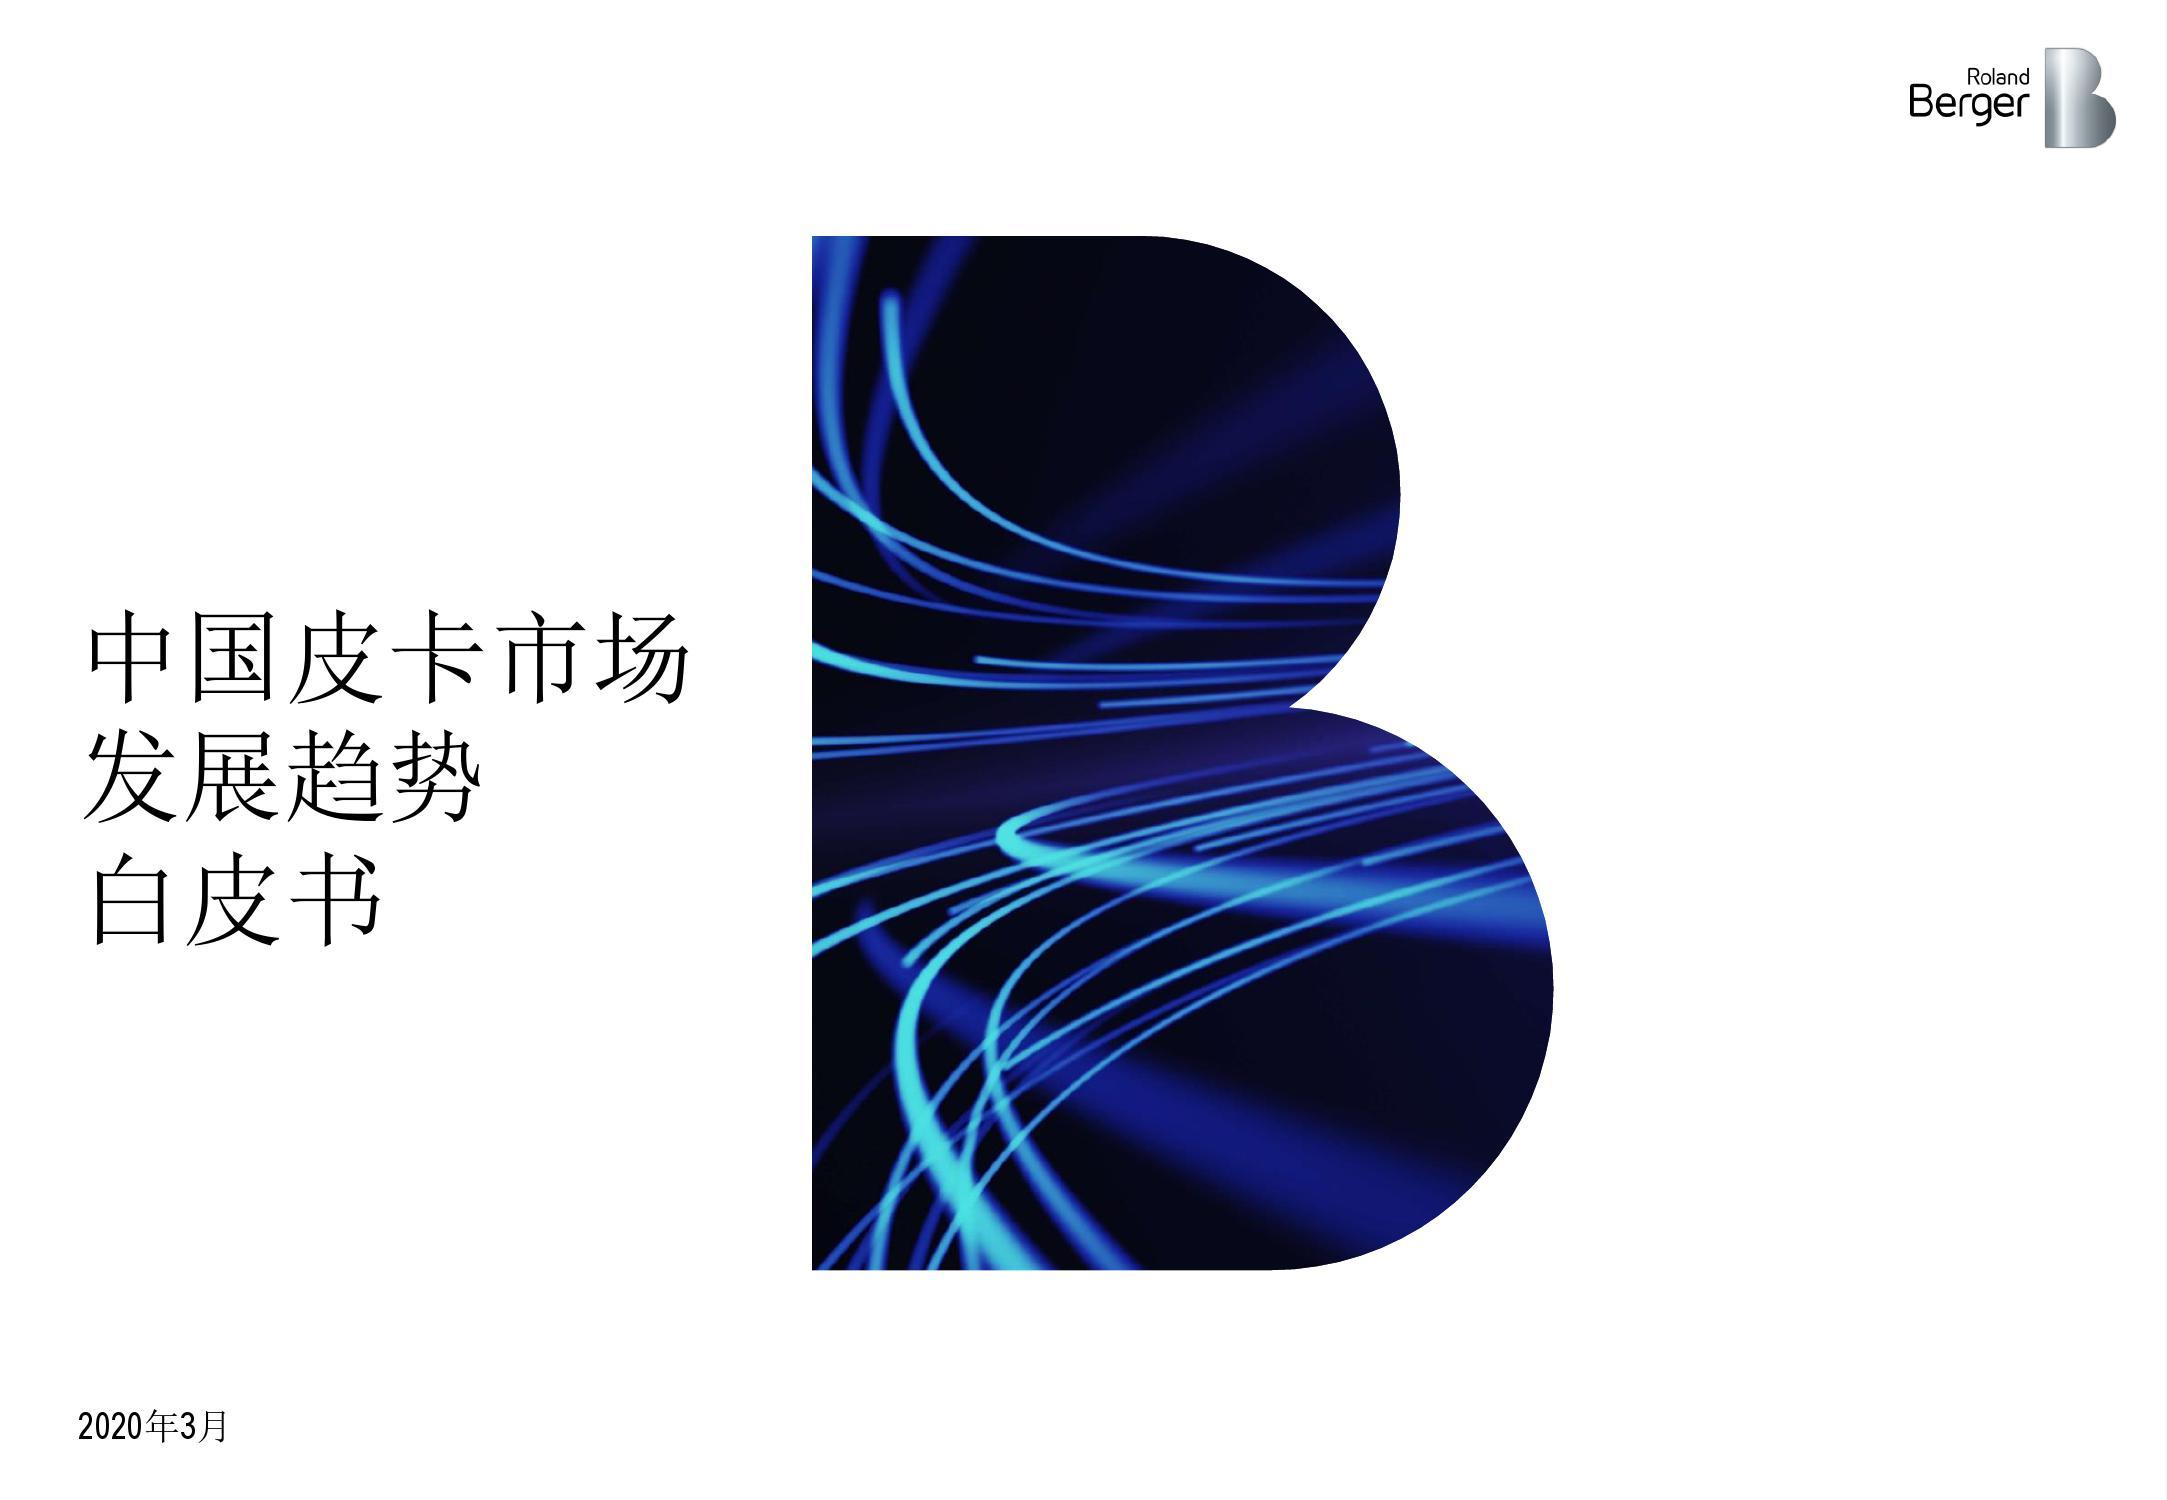 罗兰贝格:2020年中国皮卡市场发展趋势白皮书